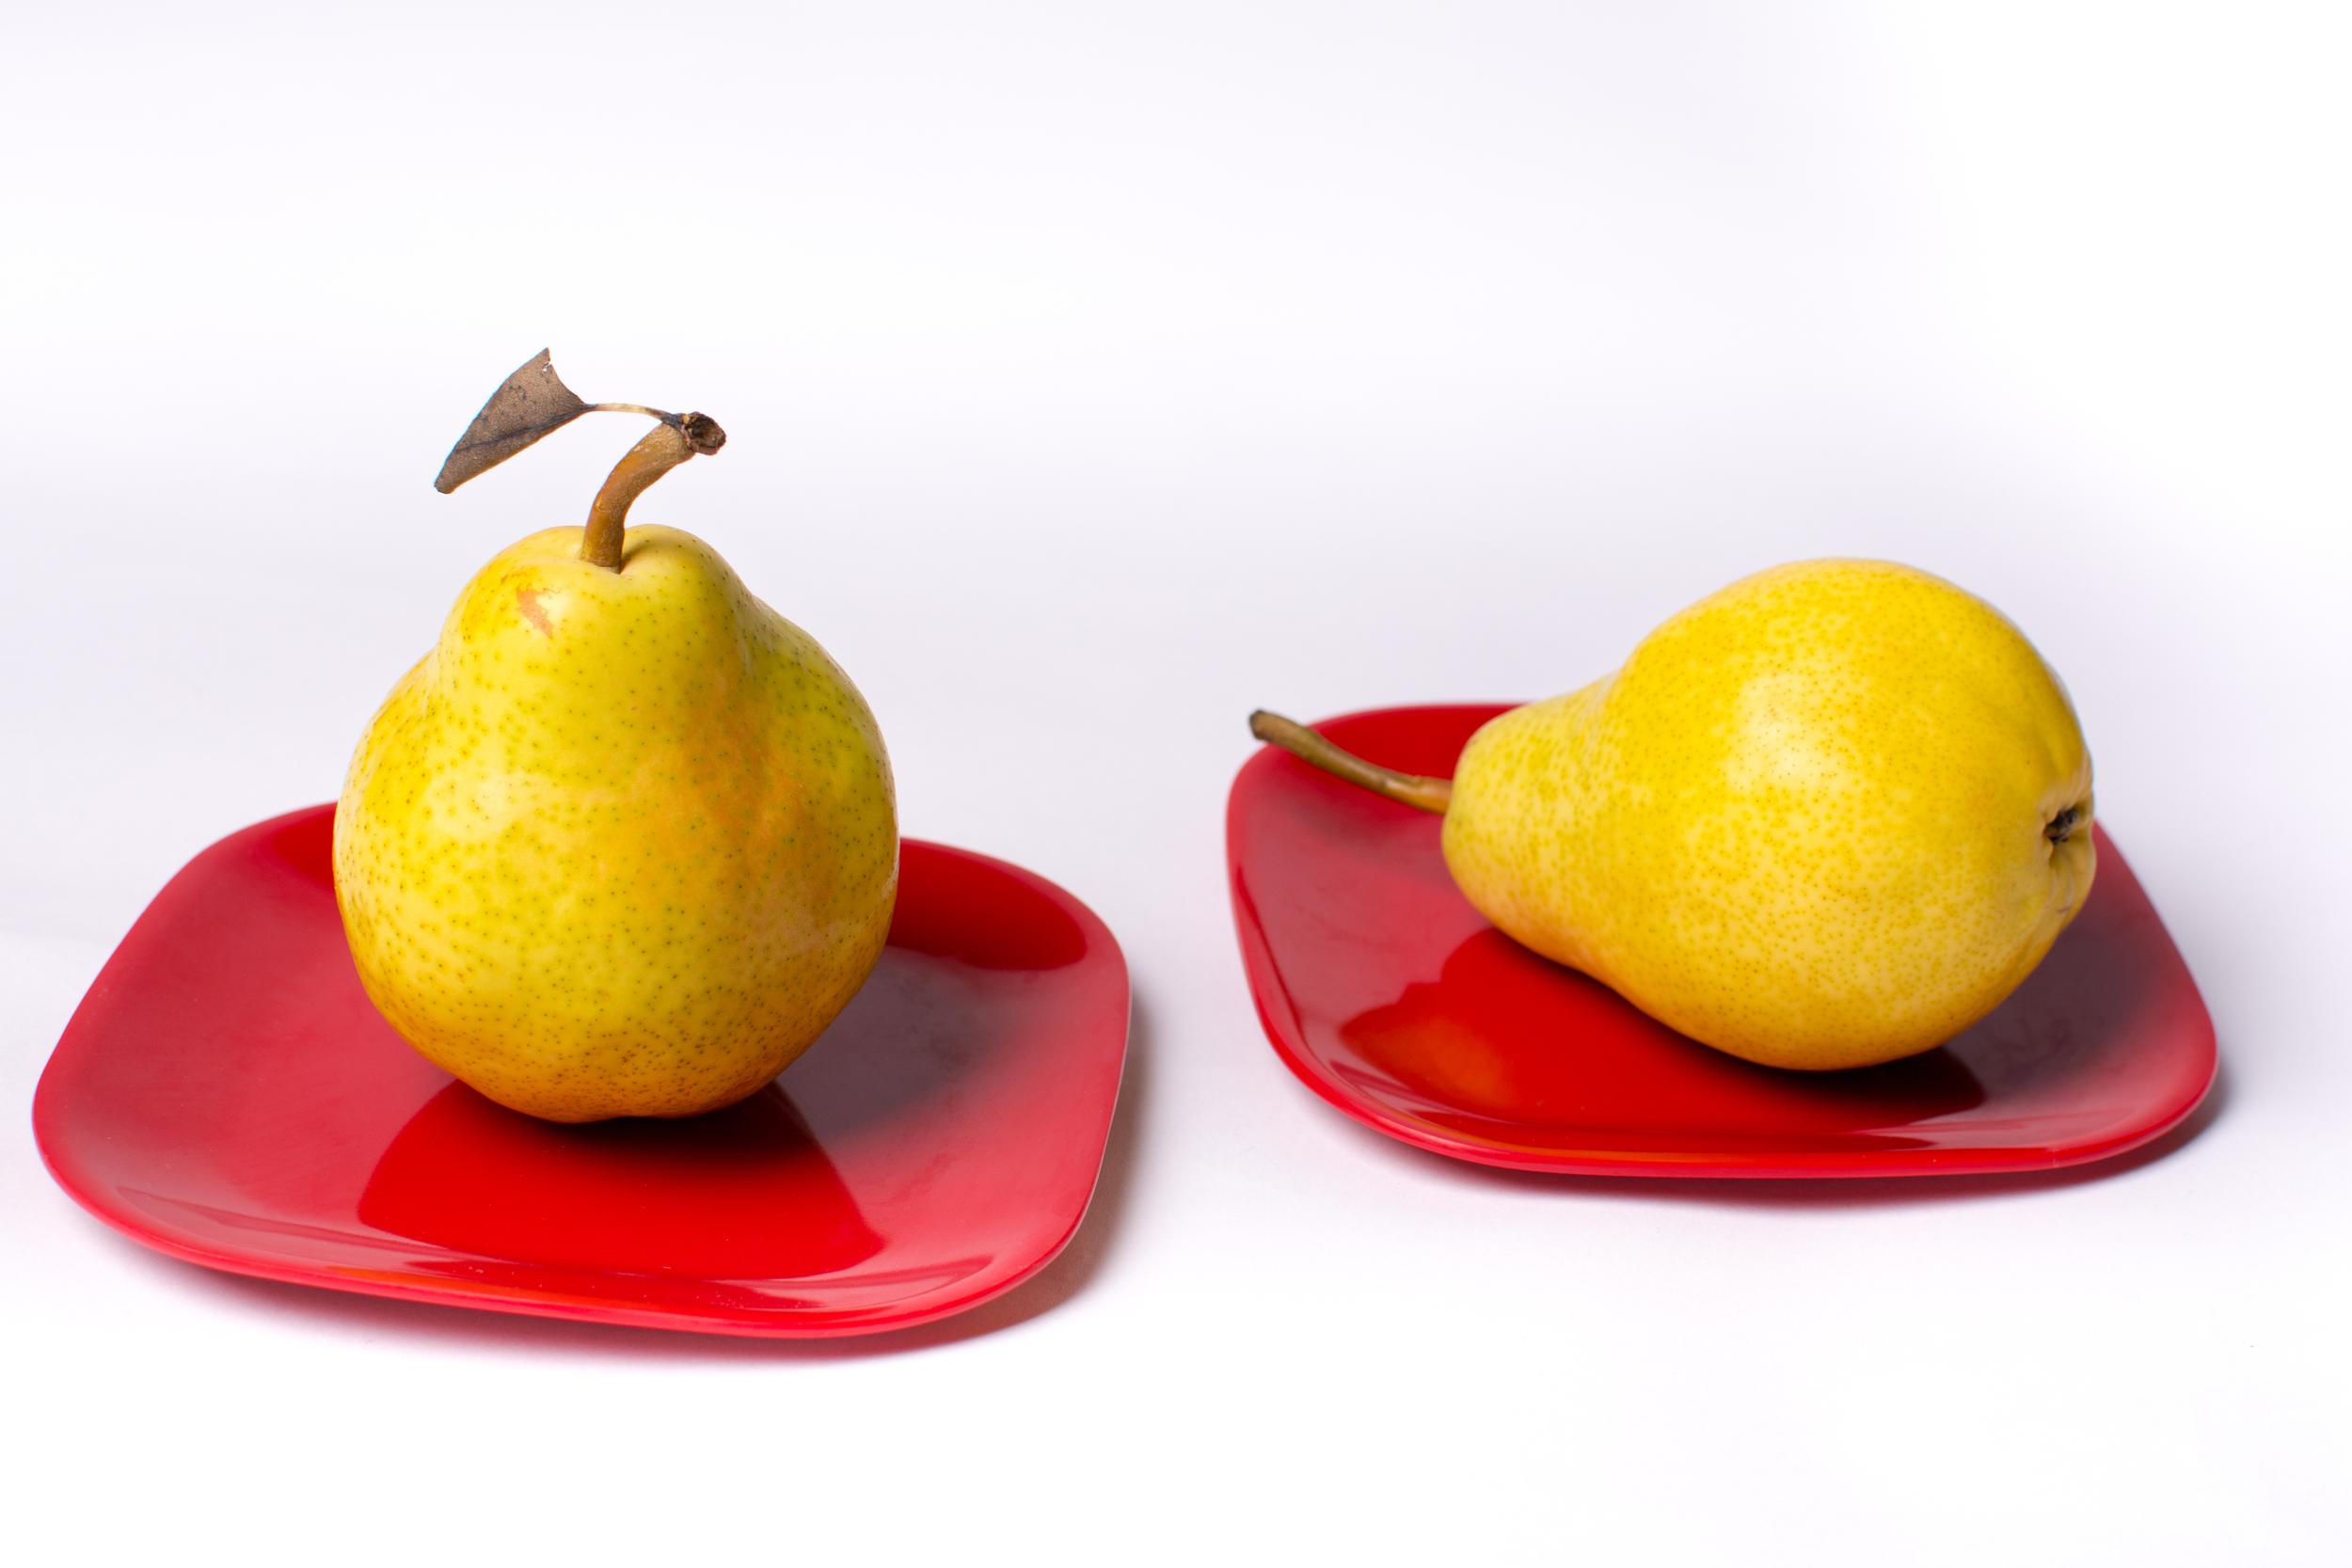 Pair of Pears-15.jpg